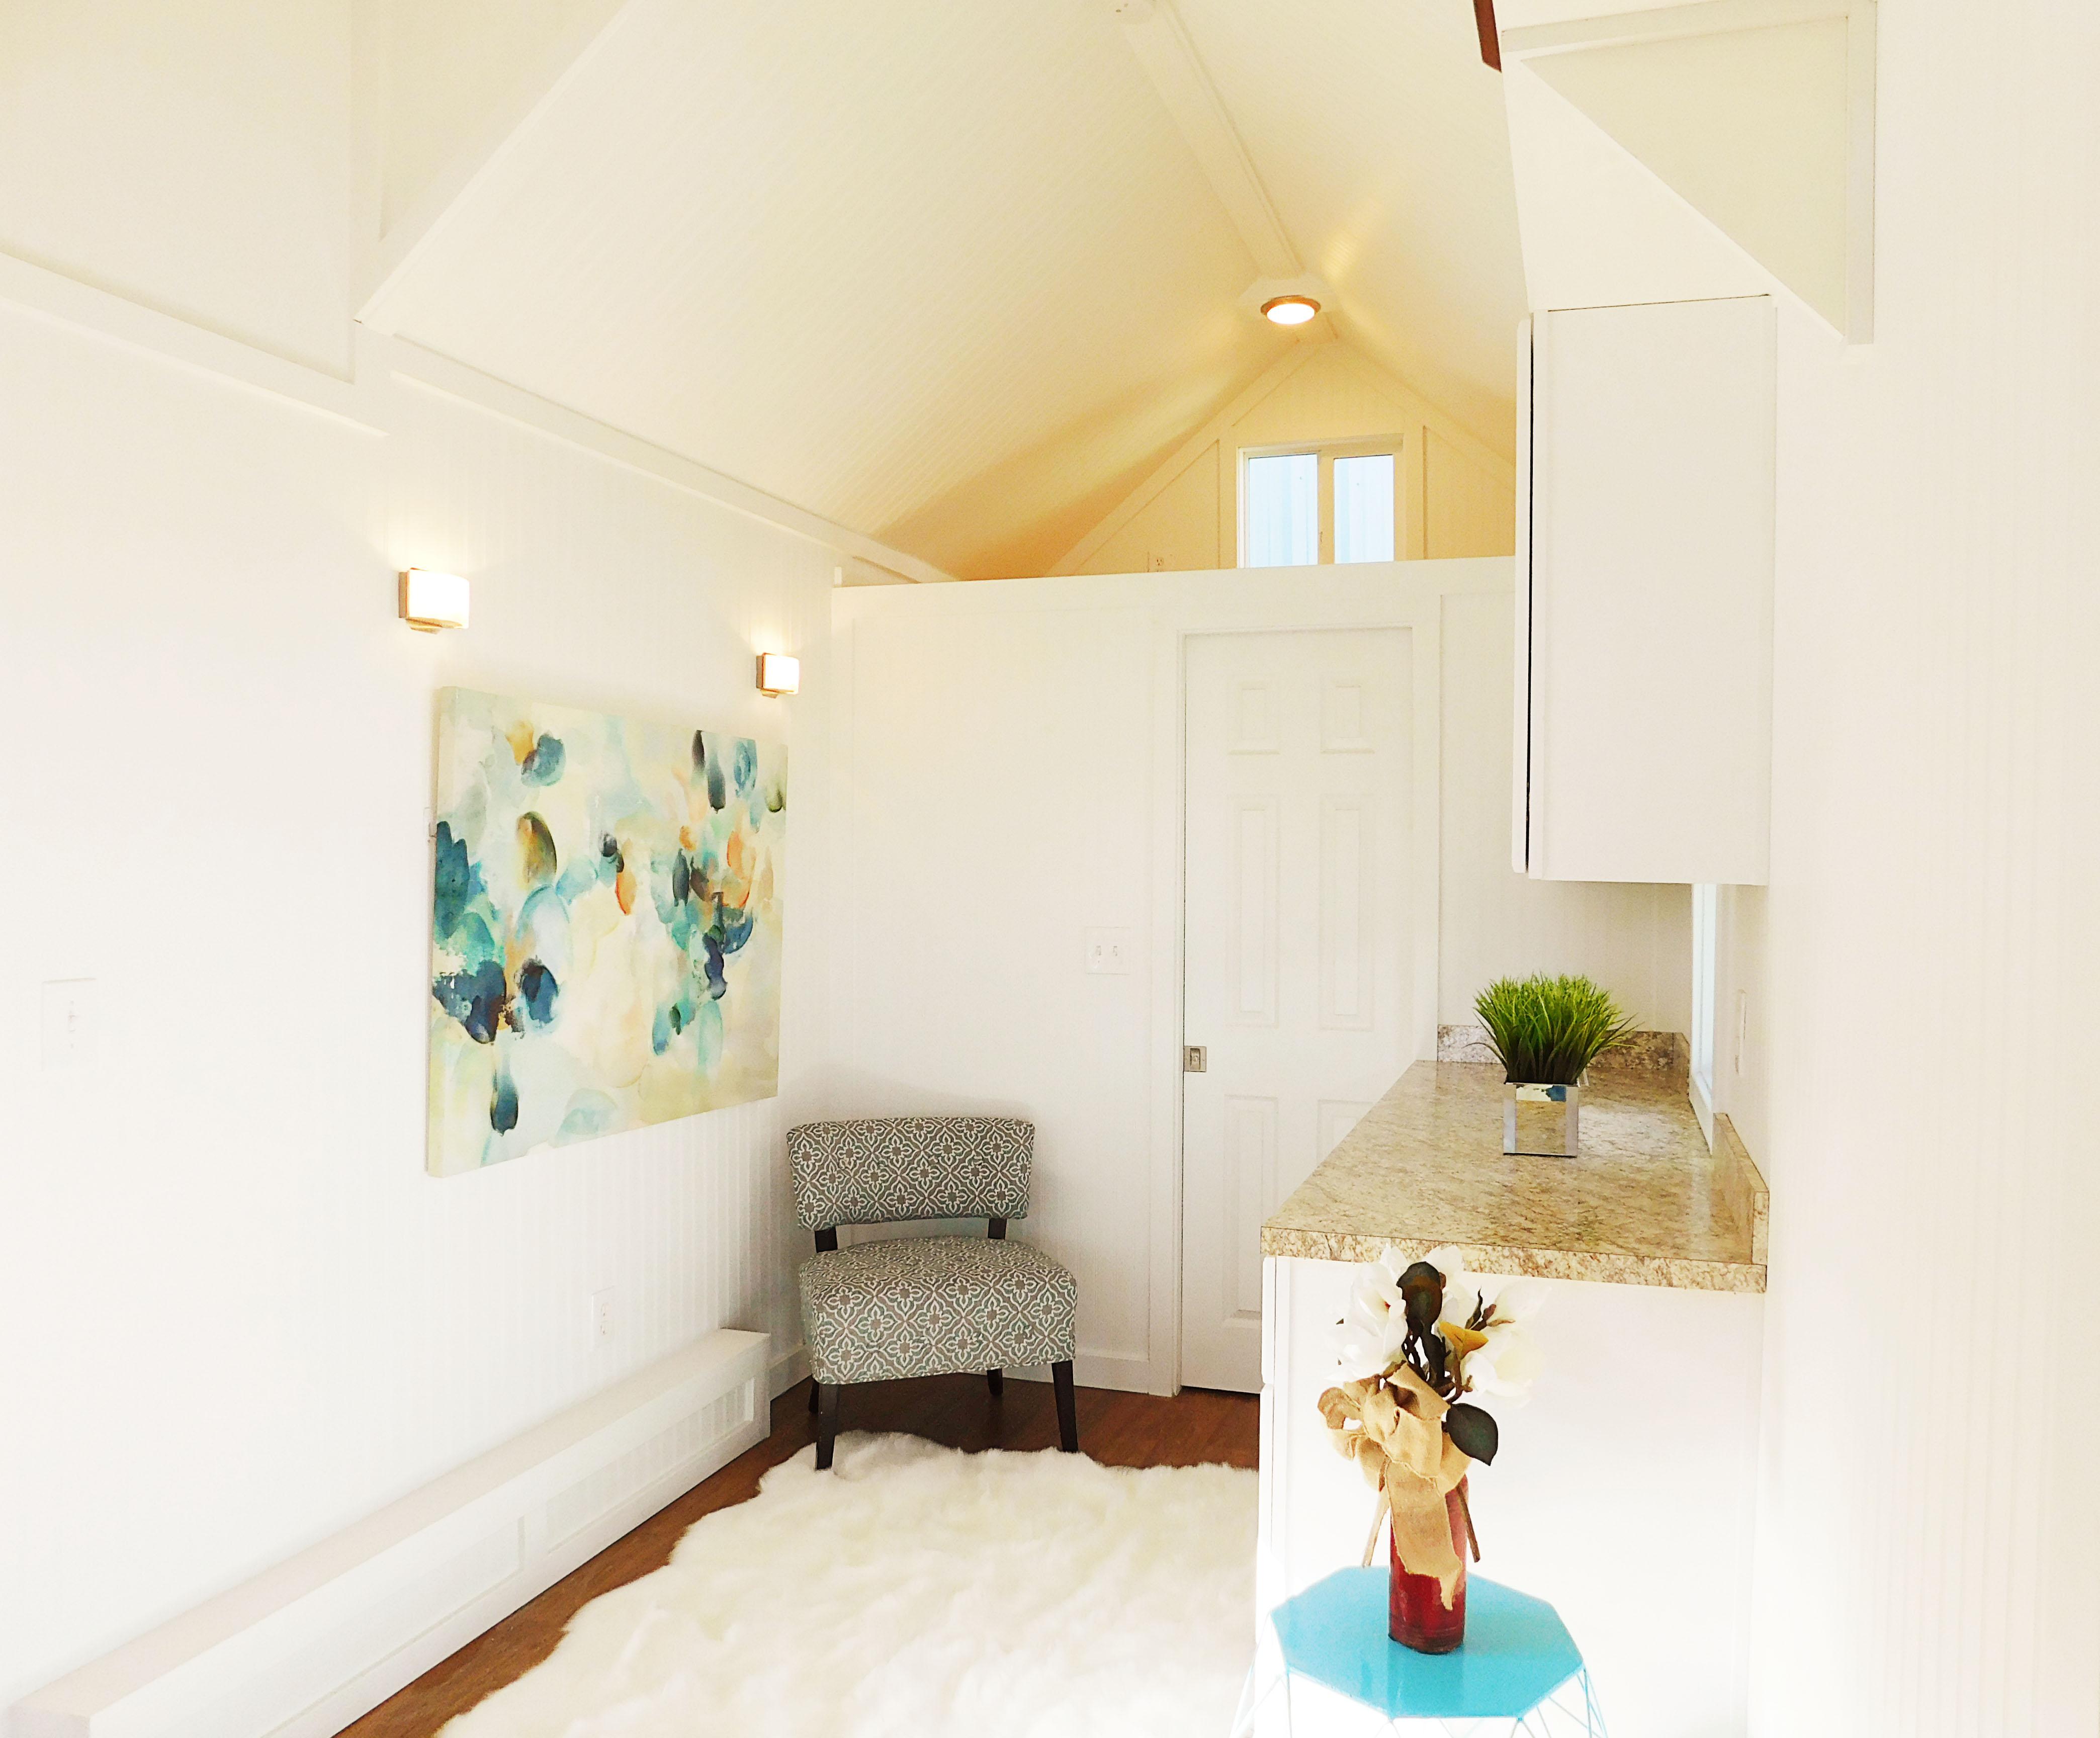 tiny home loft - Tiny Idahomes Tiny Houses Tiny Home Builders